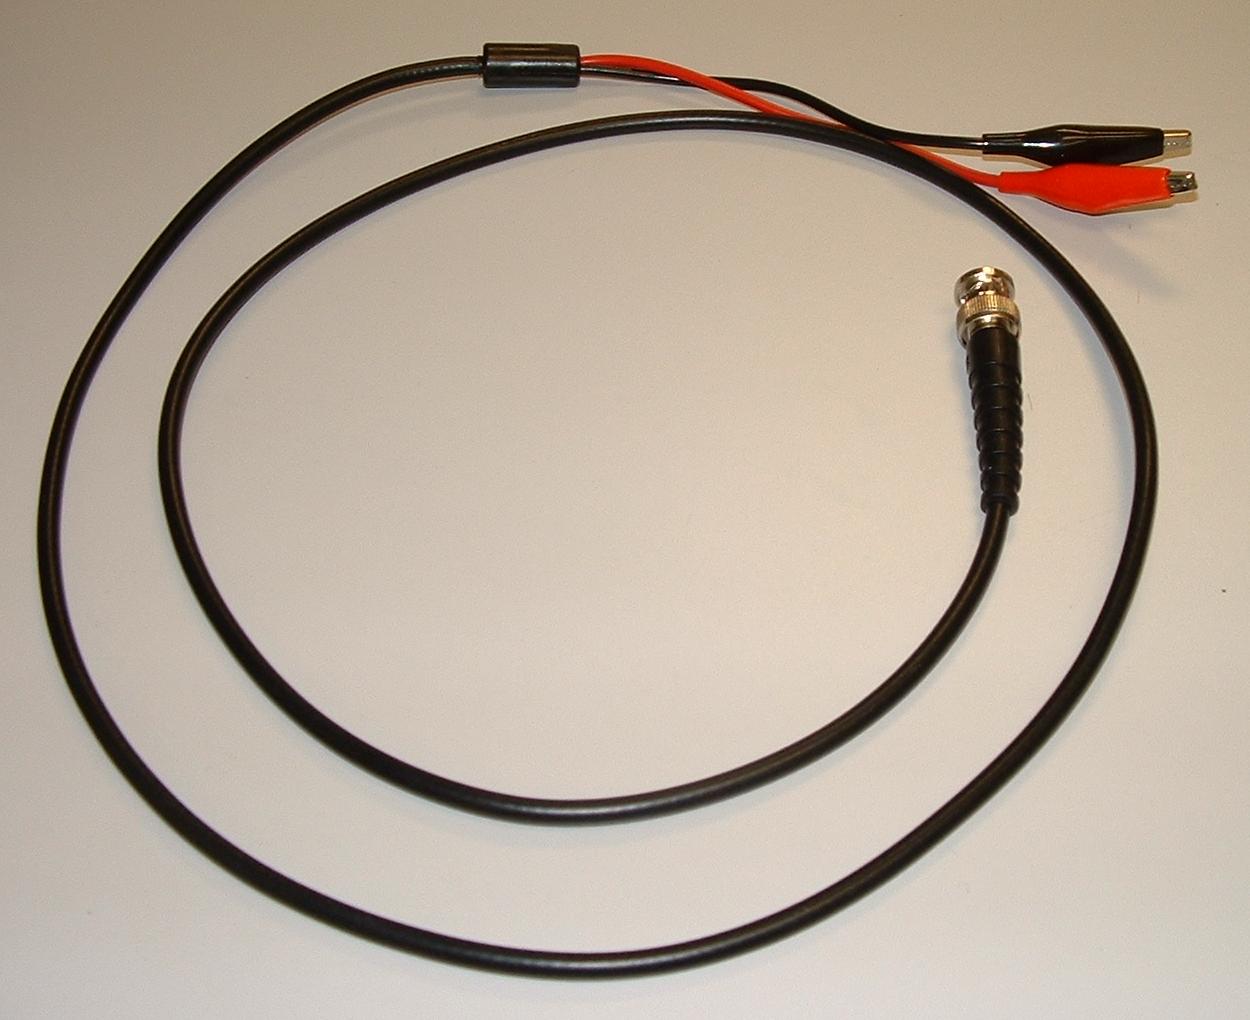 Circuito Generador De Funciones : Laboratorio de instrumentación básica generador funciones